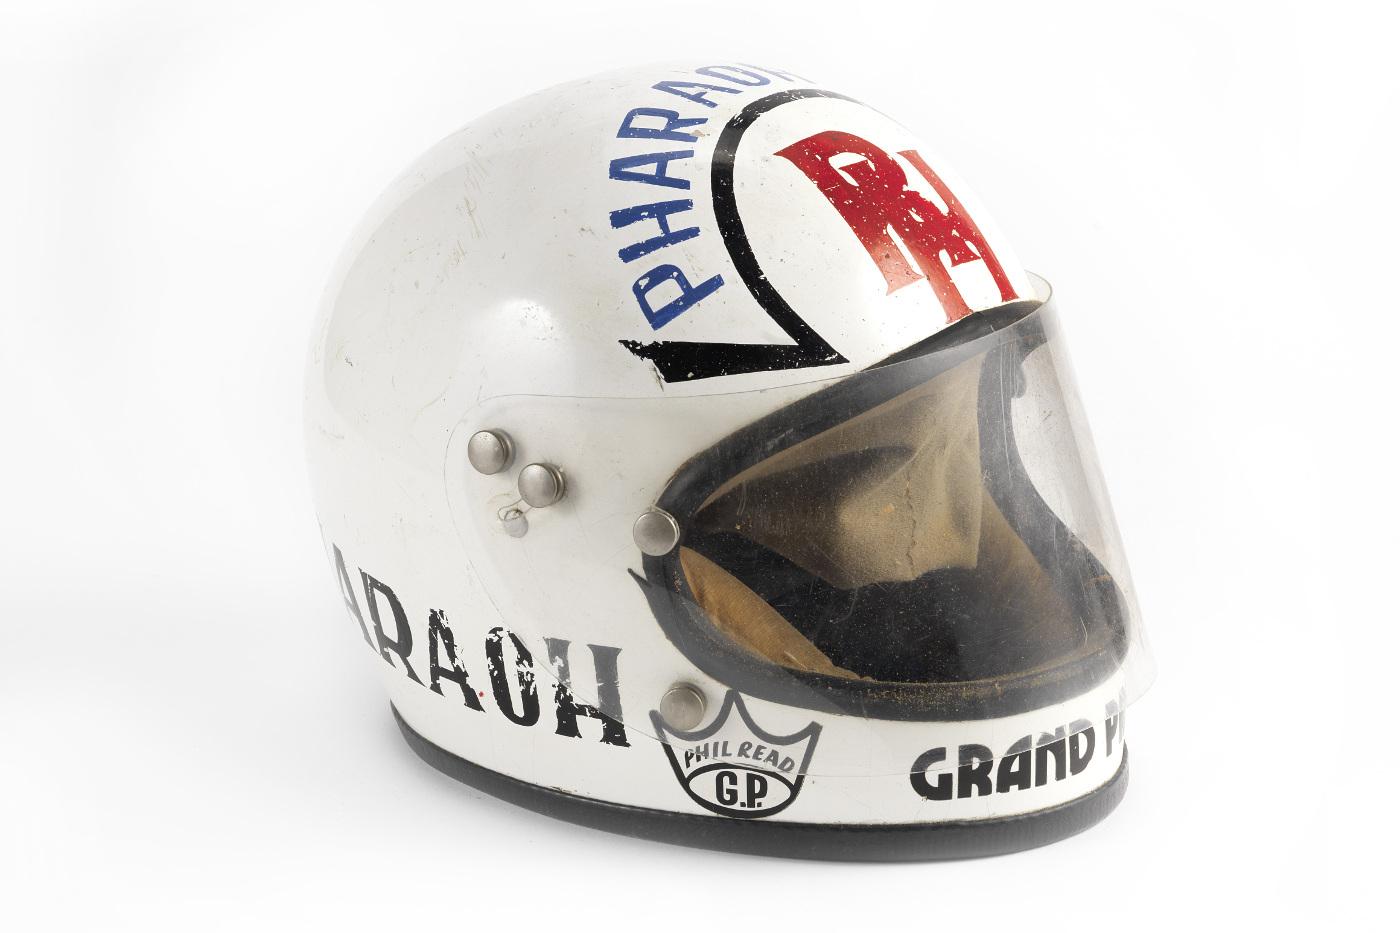 RON HASLAM RACE HELMET BY KANGOL HELMETS LTD SCOTLAND